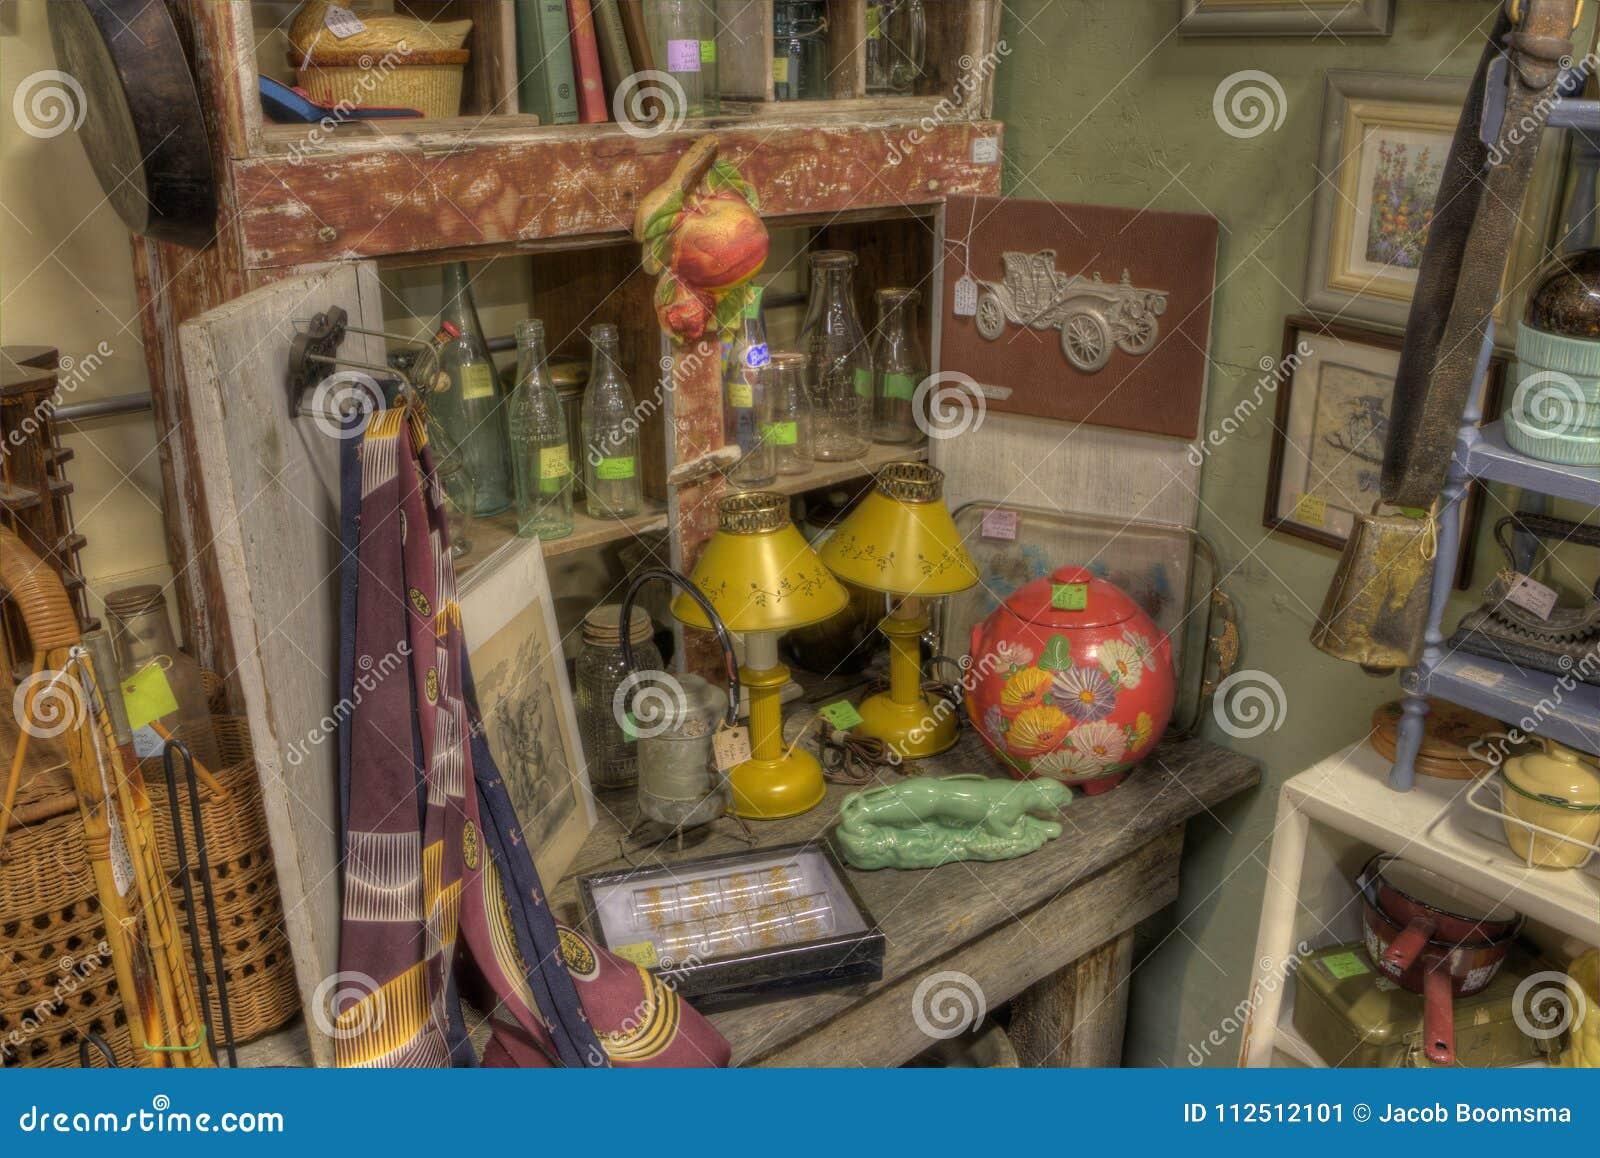 Антиквариаты для продажи в магазине